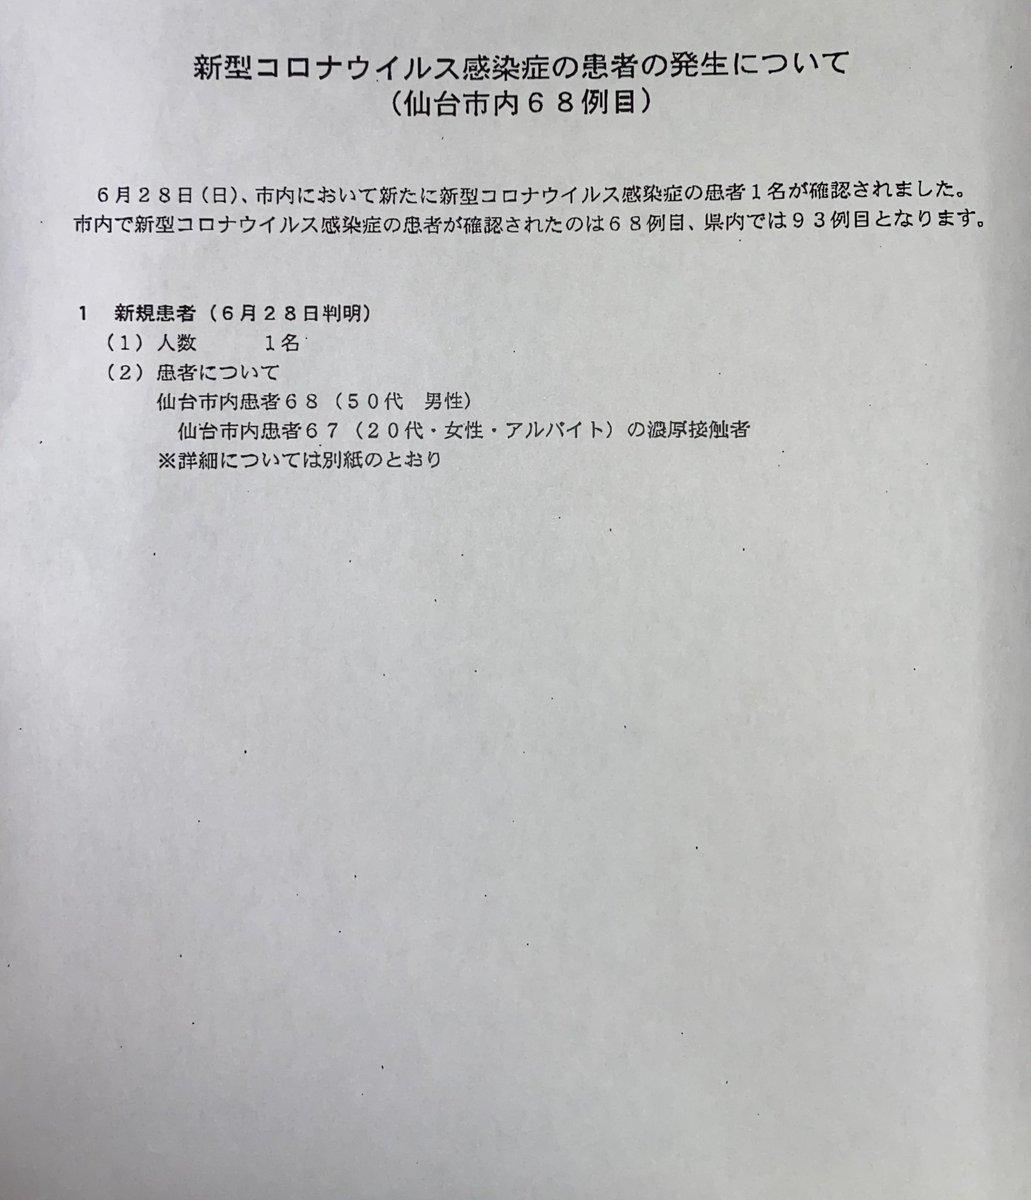 市 コロナ ウイルス 会見 仙台